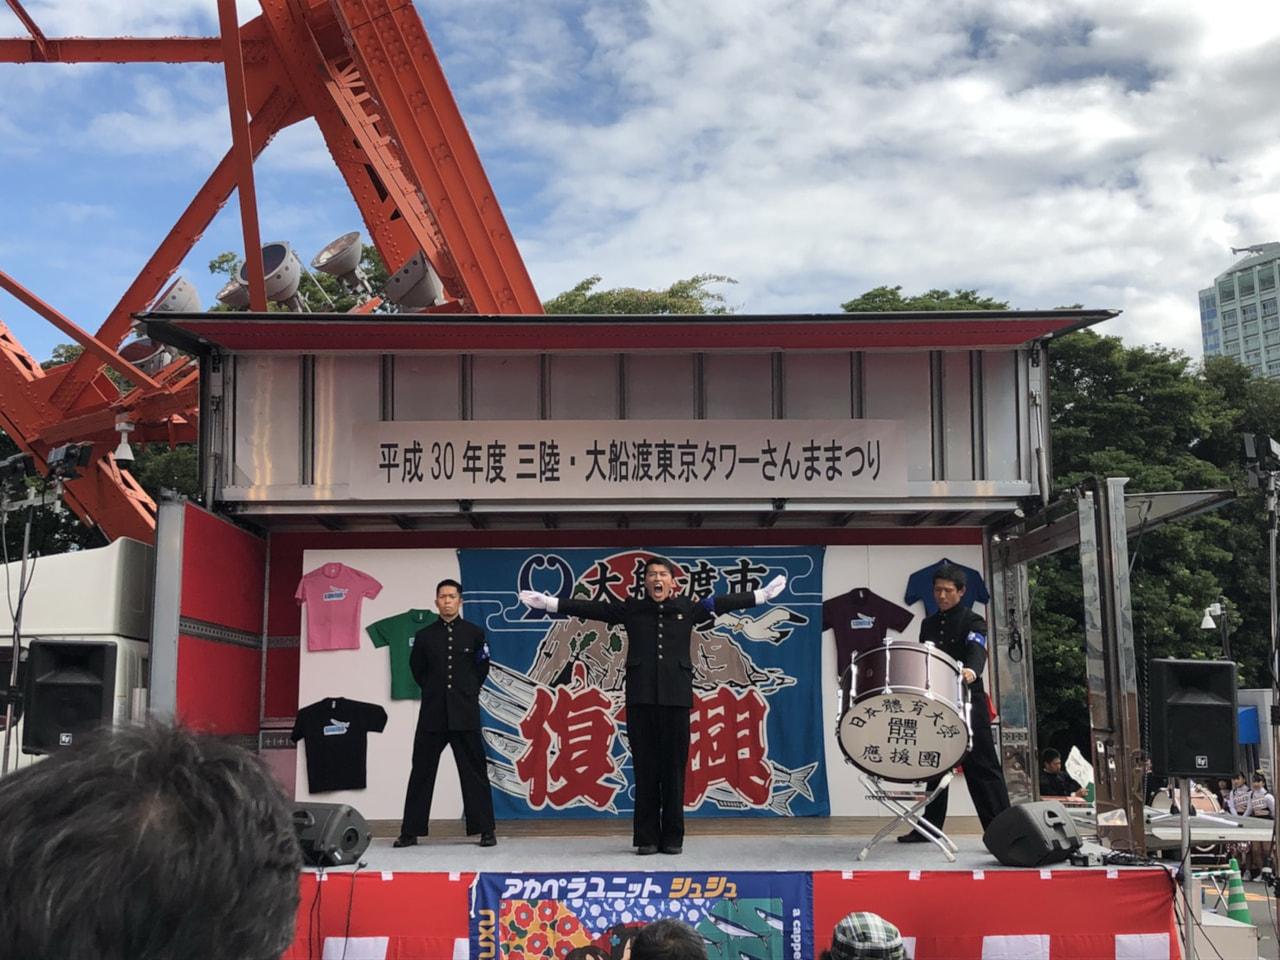 三陸・大船渡 東京タワーさんままつり2018